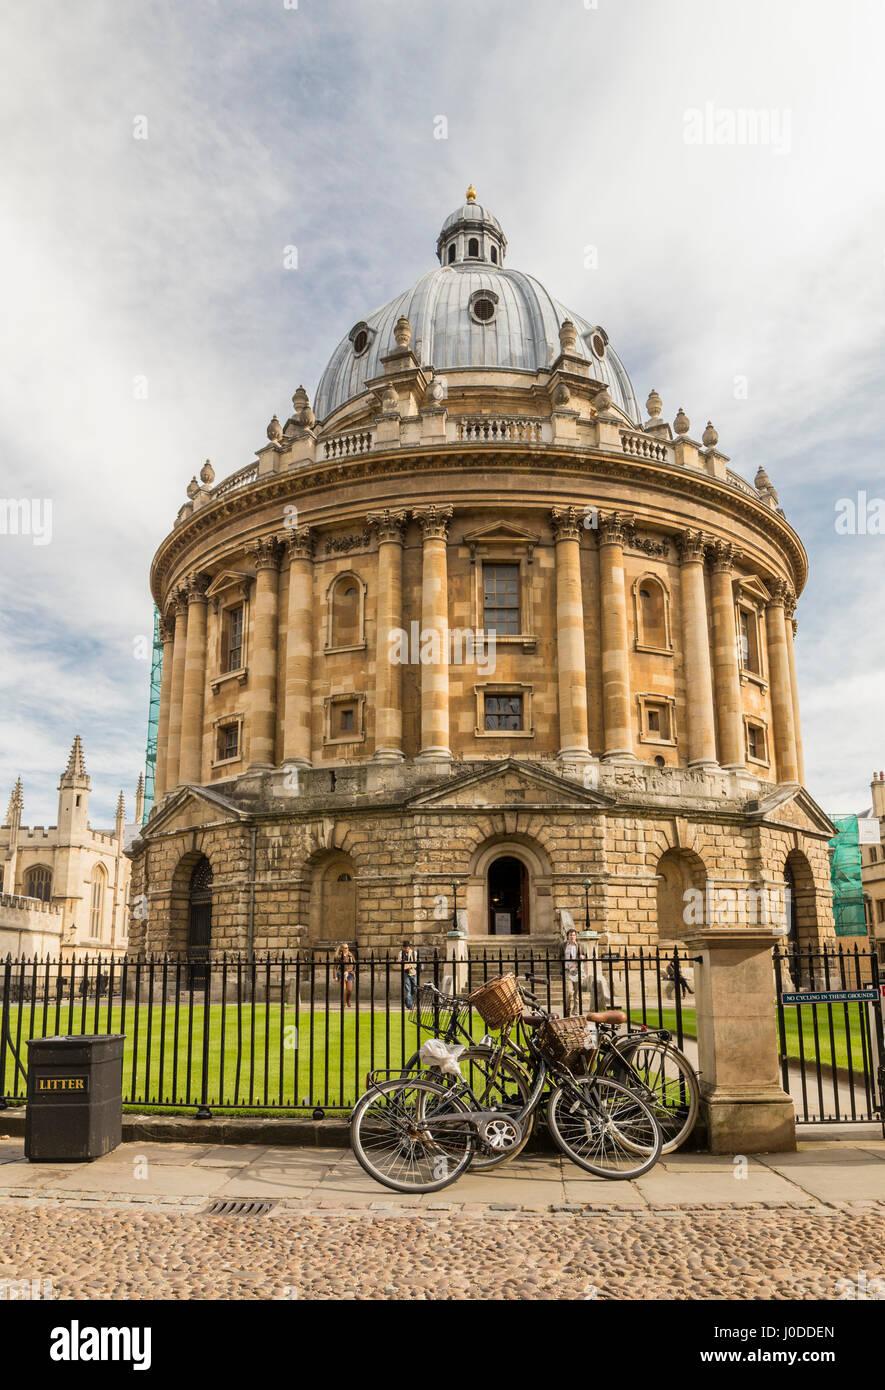 Radcliffe Camera una parte della biblioteca Bodleian, Oxford University (UK) Immagini Stock